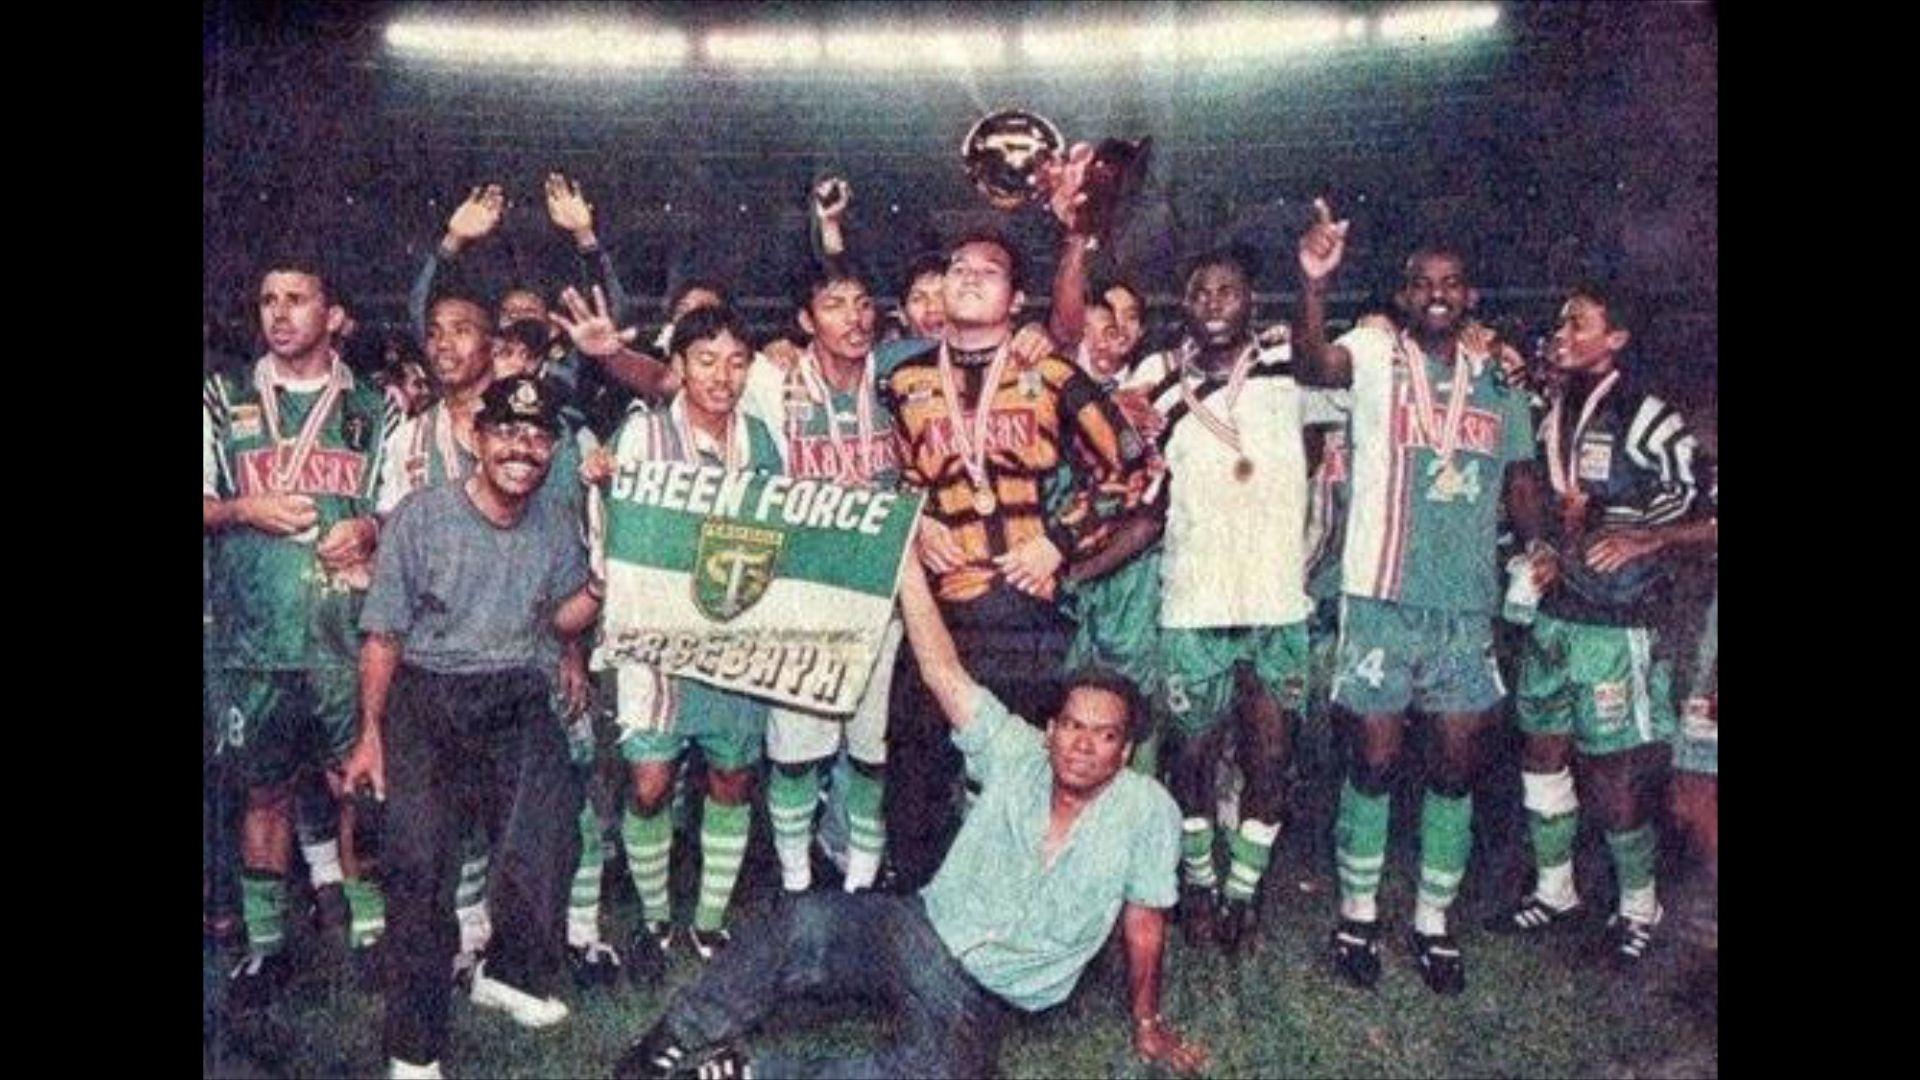 Persebaya bersukaria saat menjuarai Liga Indonesia 1996-1997, setelah menaklukkan Bandung Raya di Stadion Utama Senayan dengan skor 3-1 pada 28 Juli 1997.